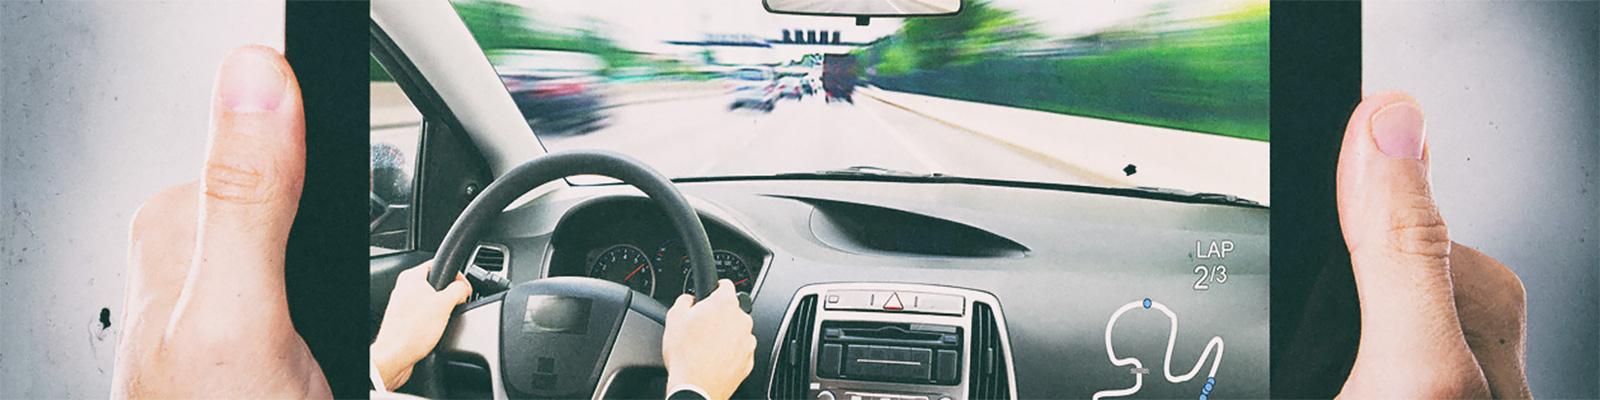 運転 ゲーム イメージ